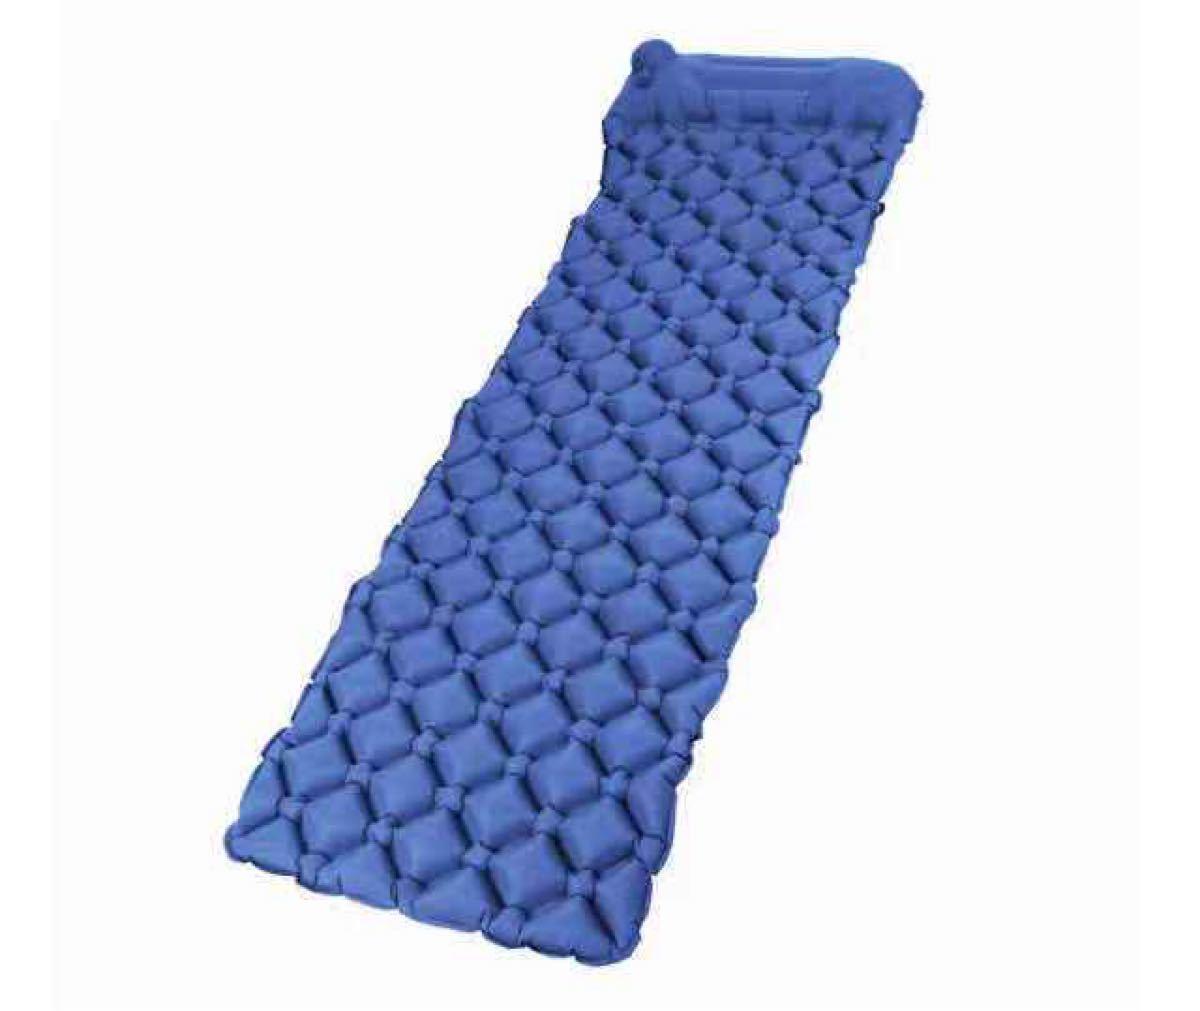 エアーマット アウトドア キャンプ ハンドポンプ付き 軽量 足踏式 青